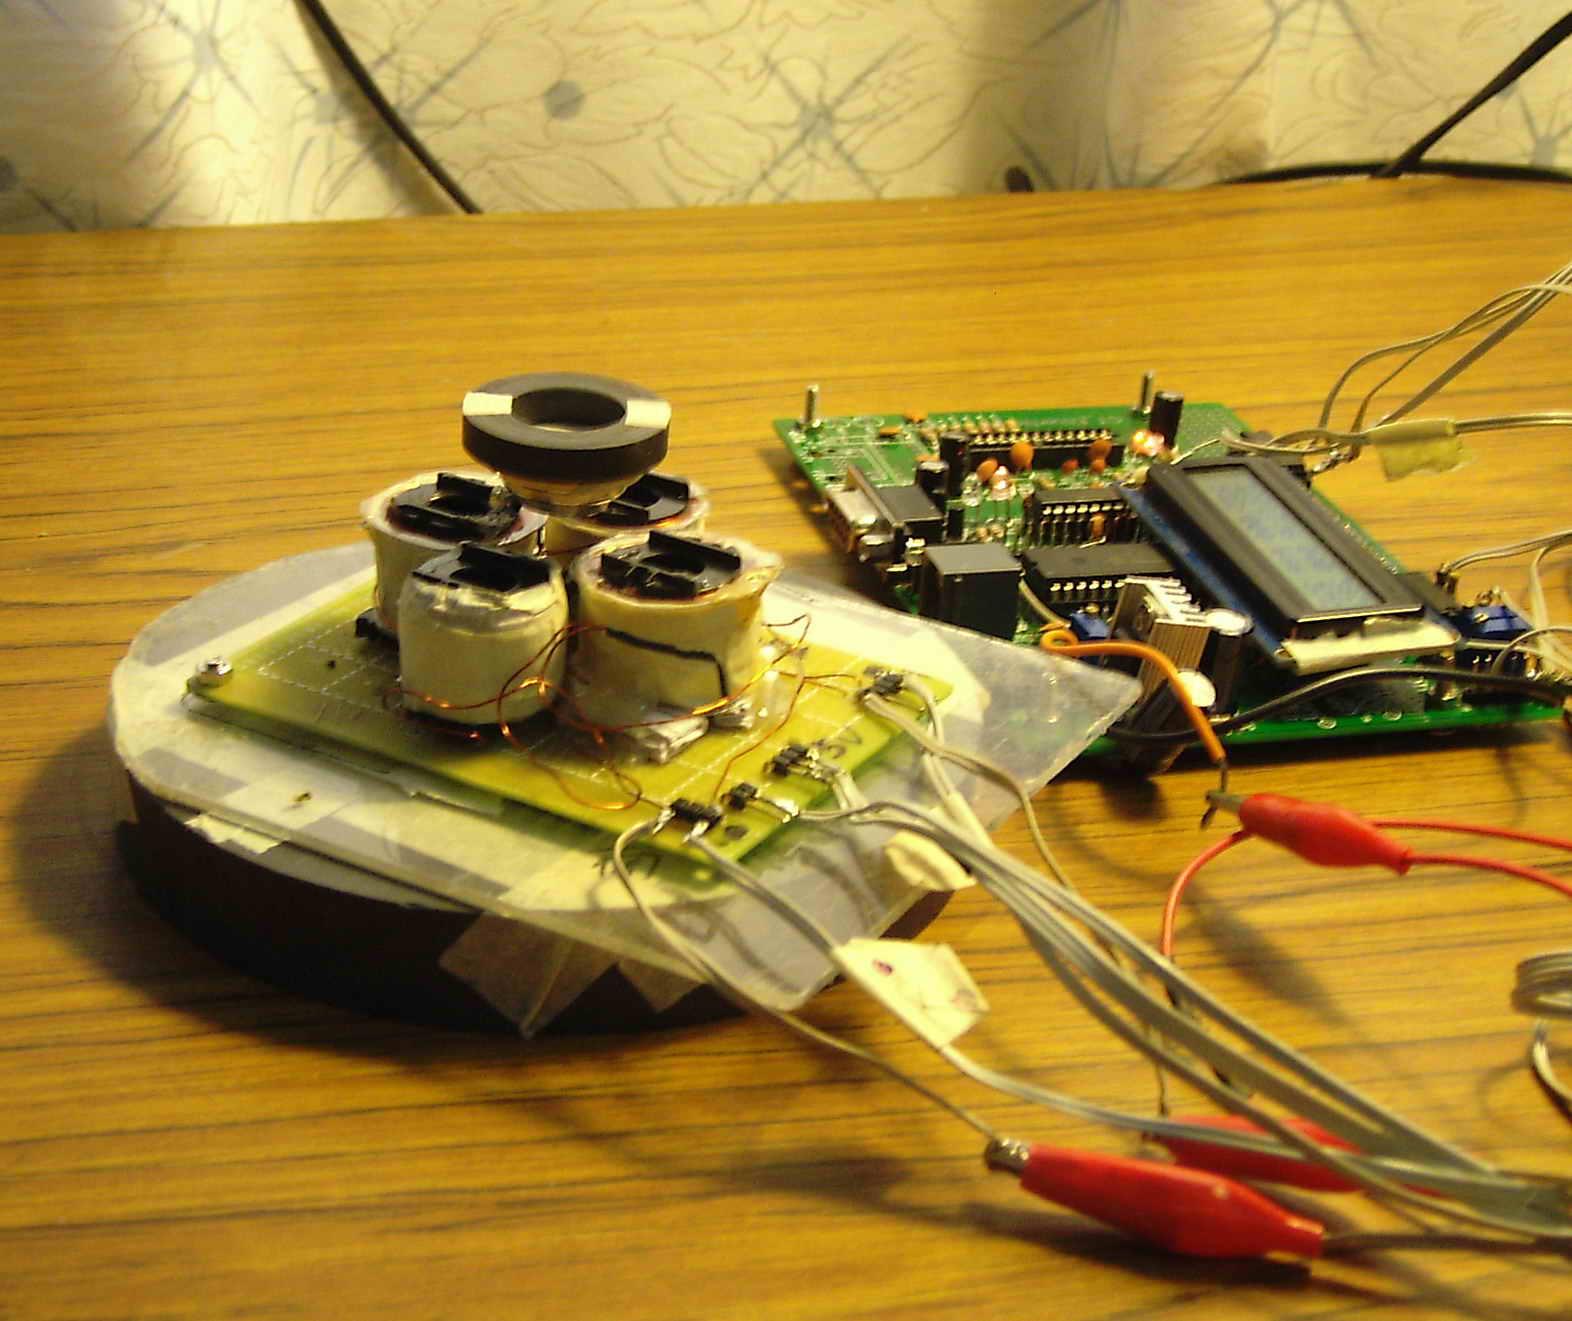 电路原理:   与 stm8下推式磁悬浮实验>相似